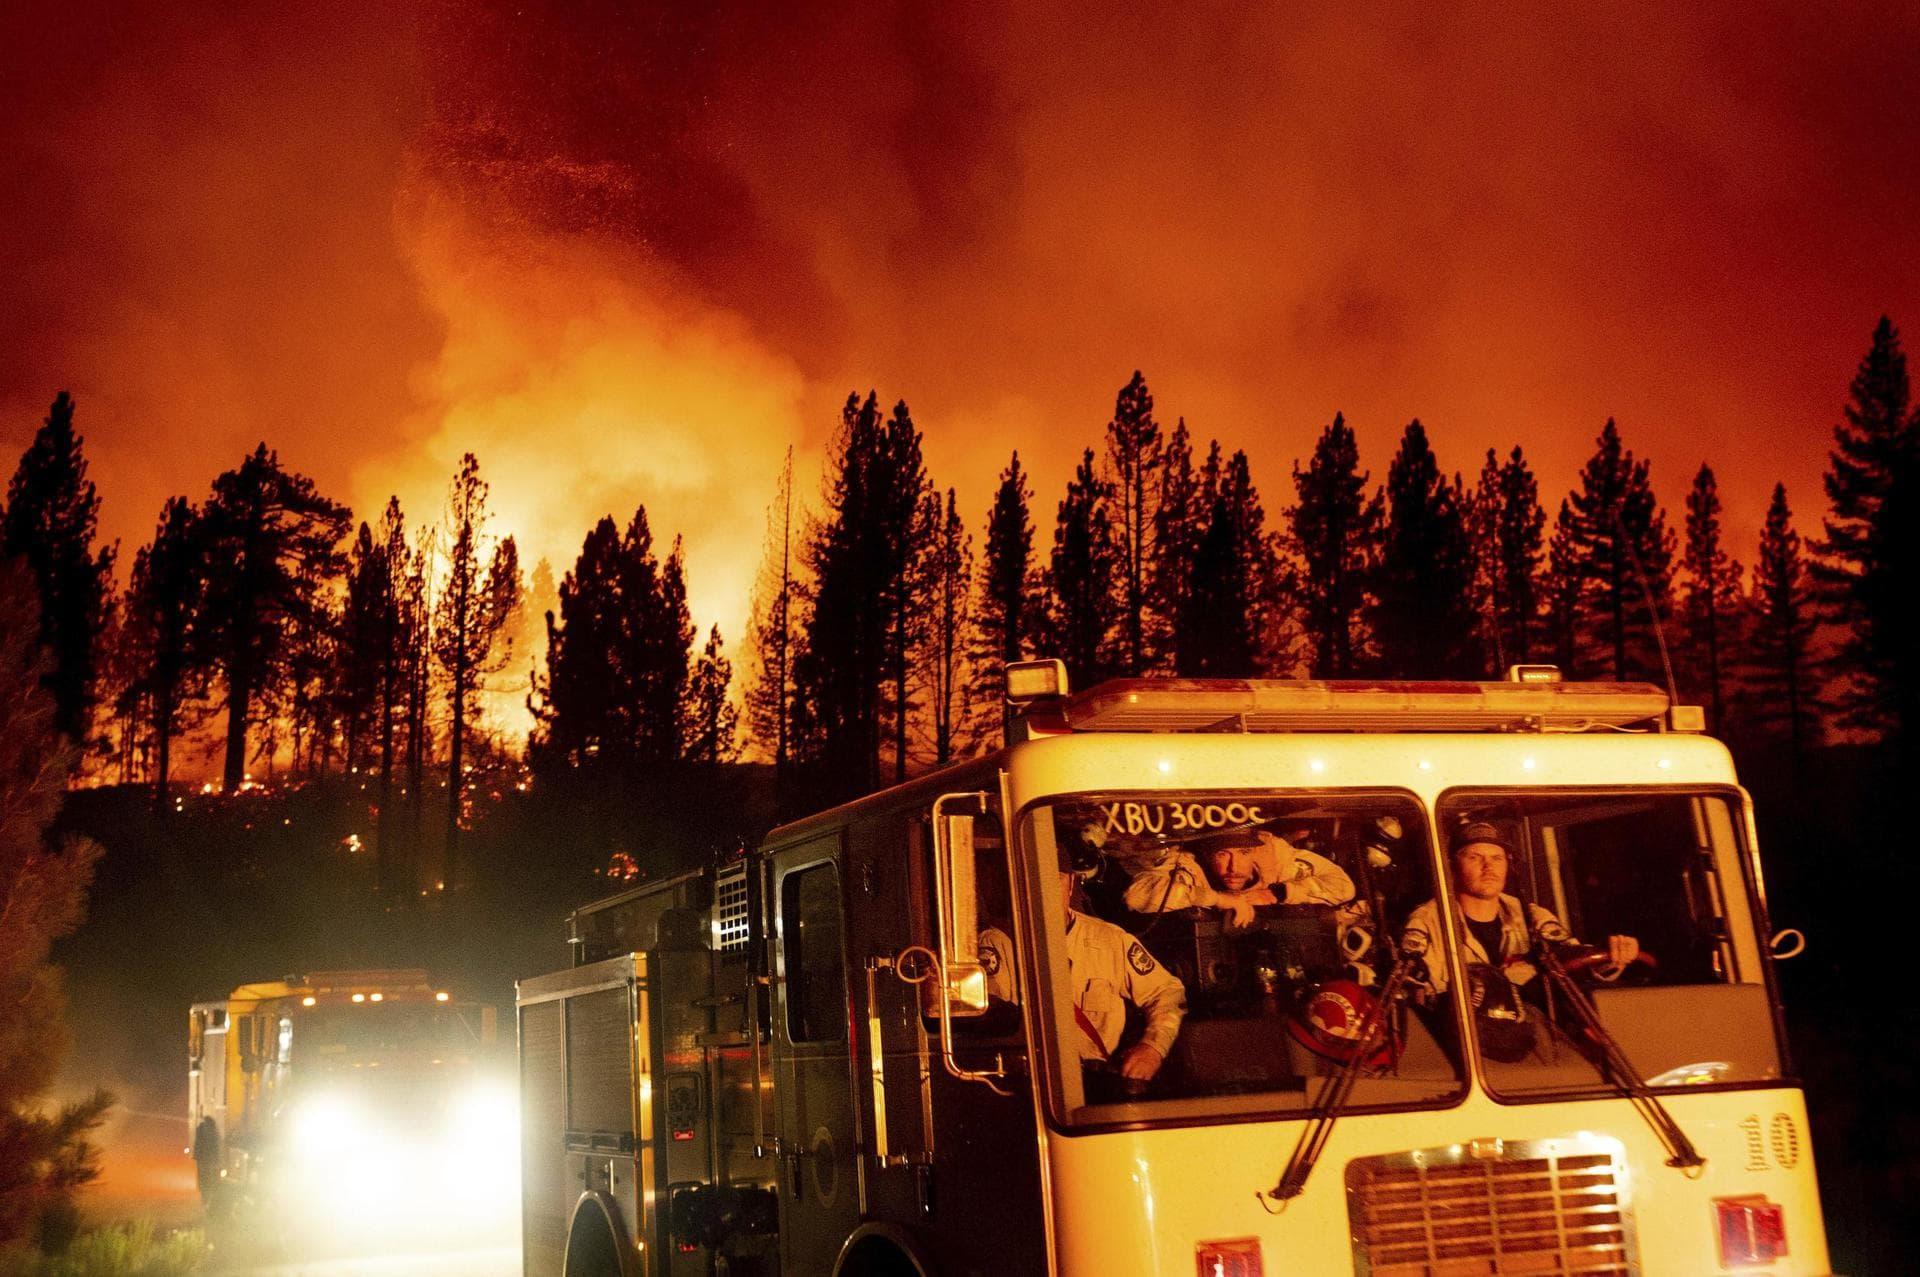 Kampf gegen die Flammen: Kalifornier sollen Wasser sparen Zunehmende Dürre